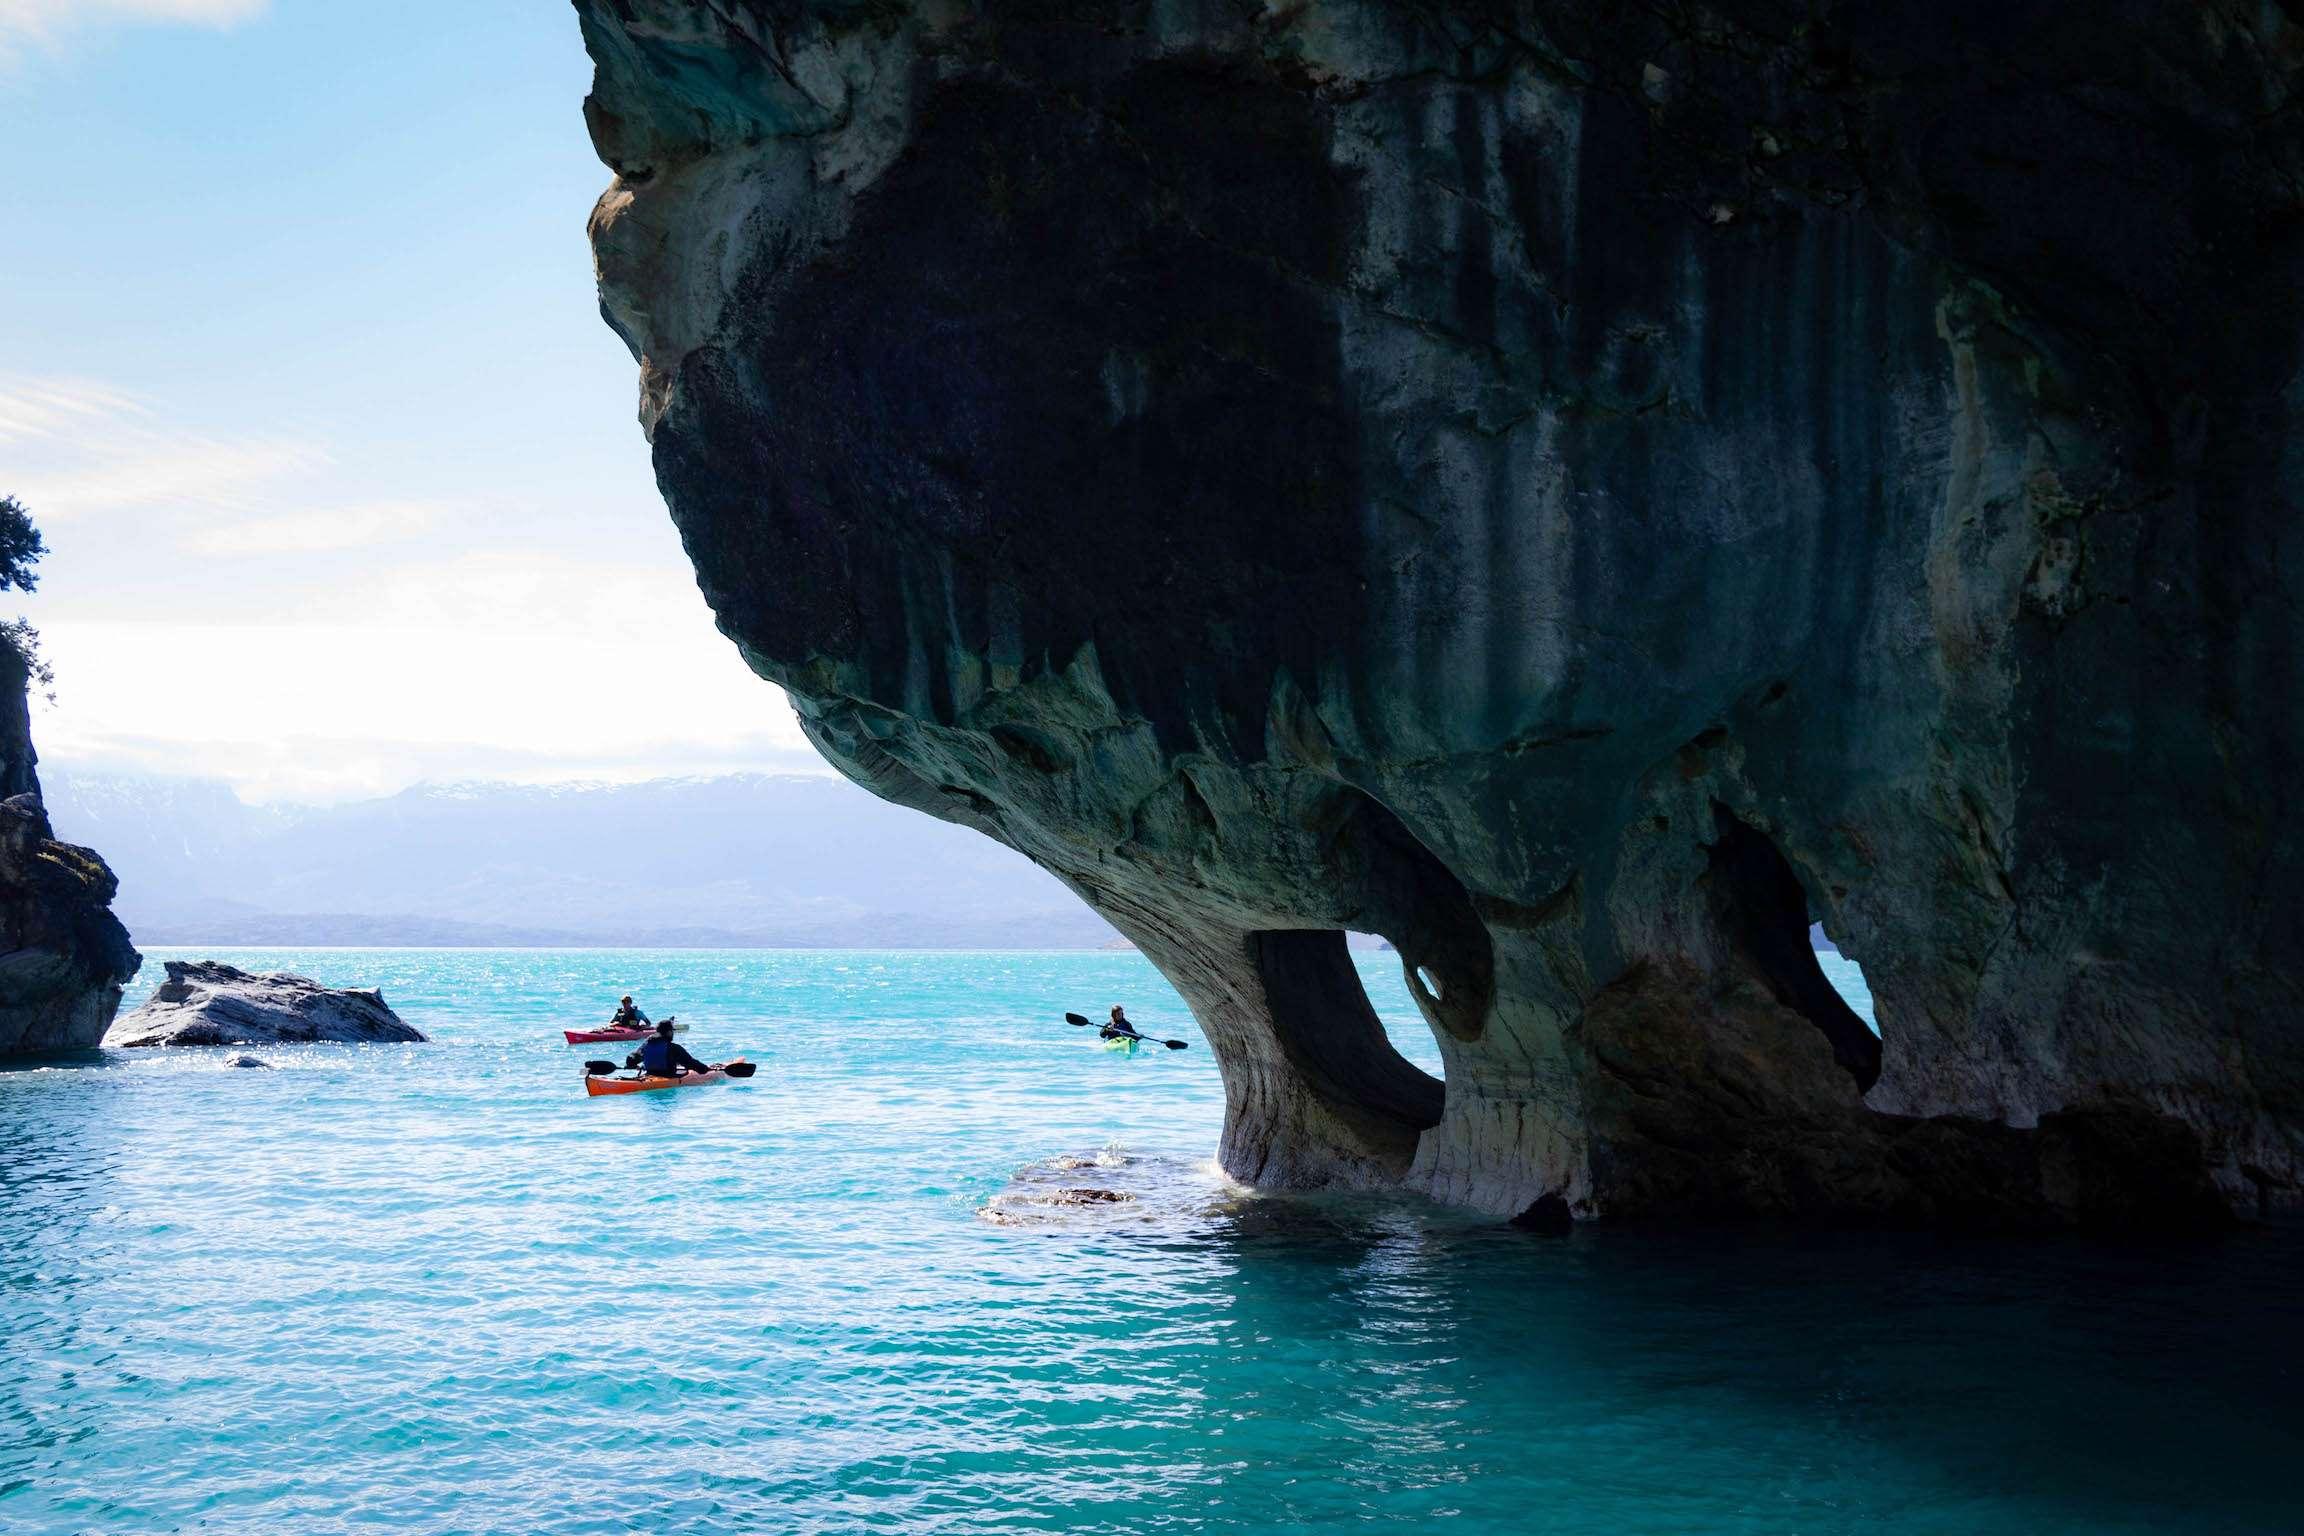 Kayak aux abords des cavernes de marbre